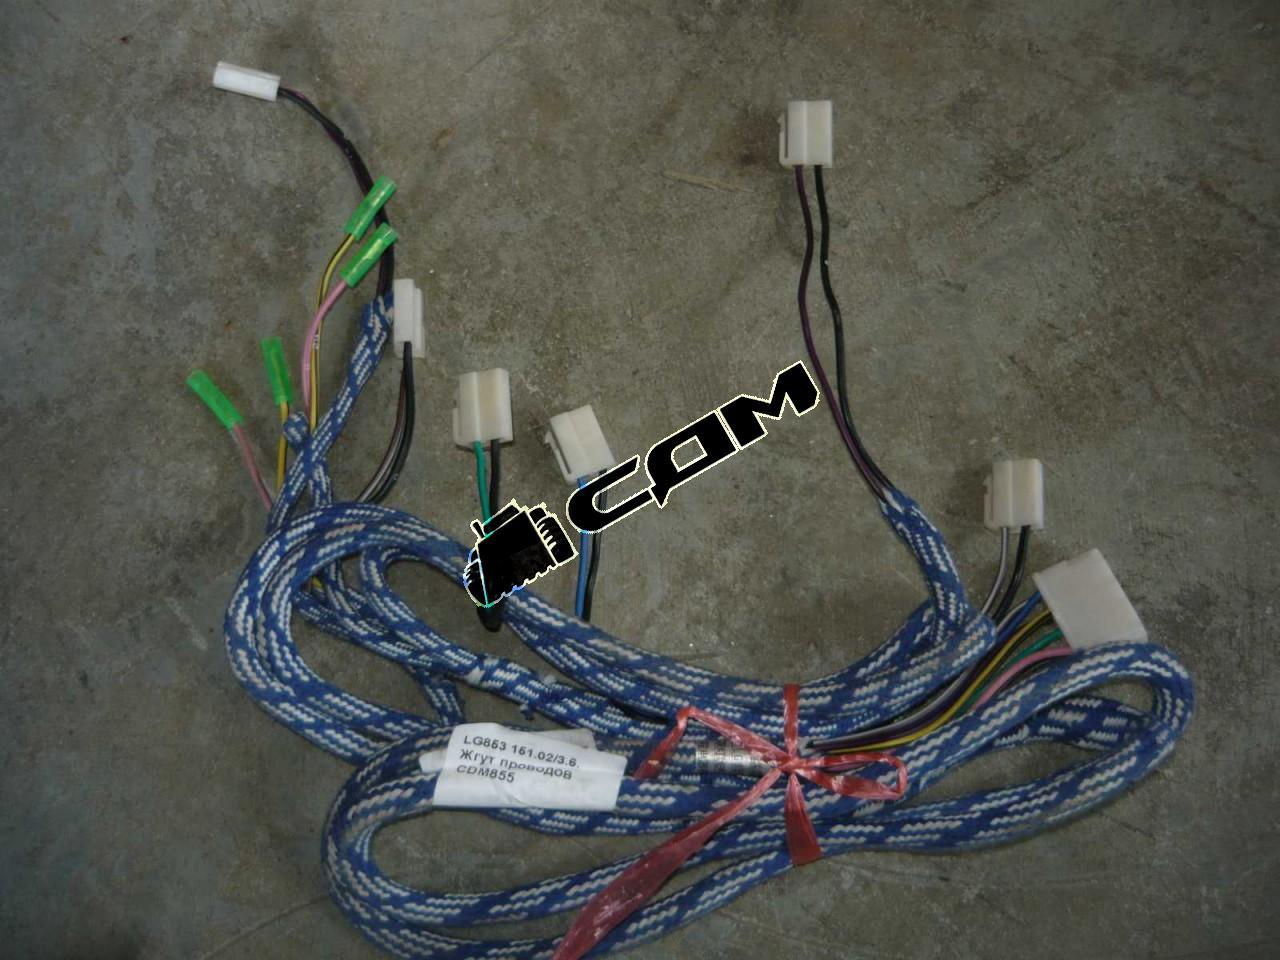 Жгут проводов CDM855  LG853 151.02